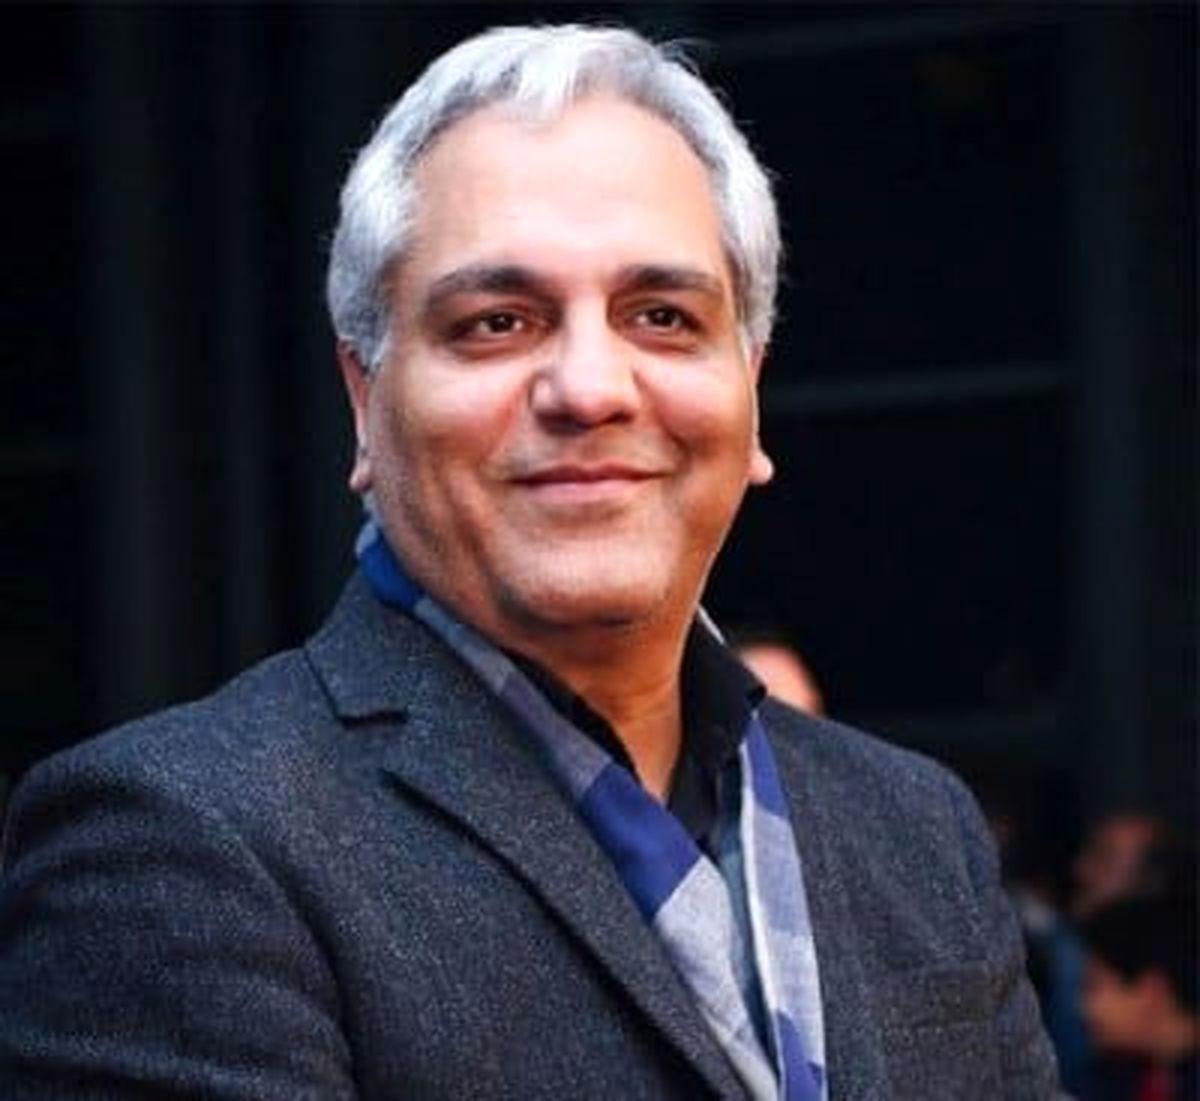 توهین زشت خبرنگار به مهران مدیری جنجال آفرین شد + فیلم